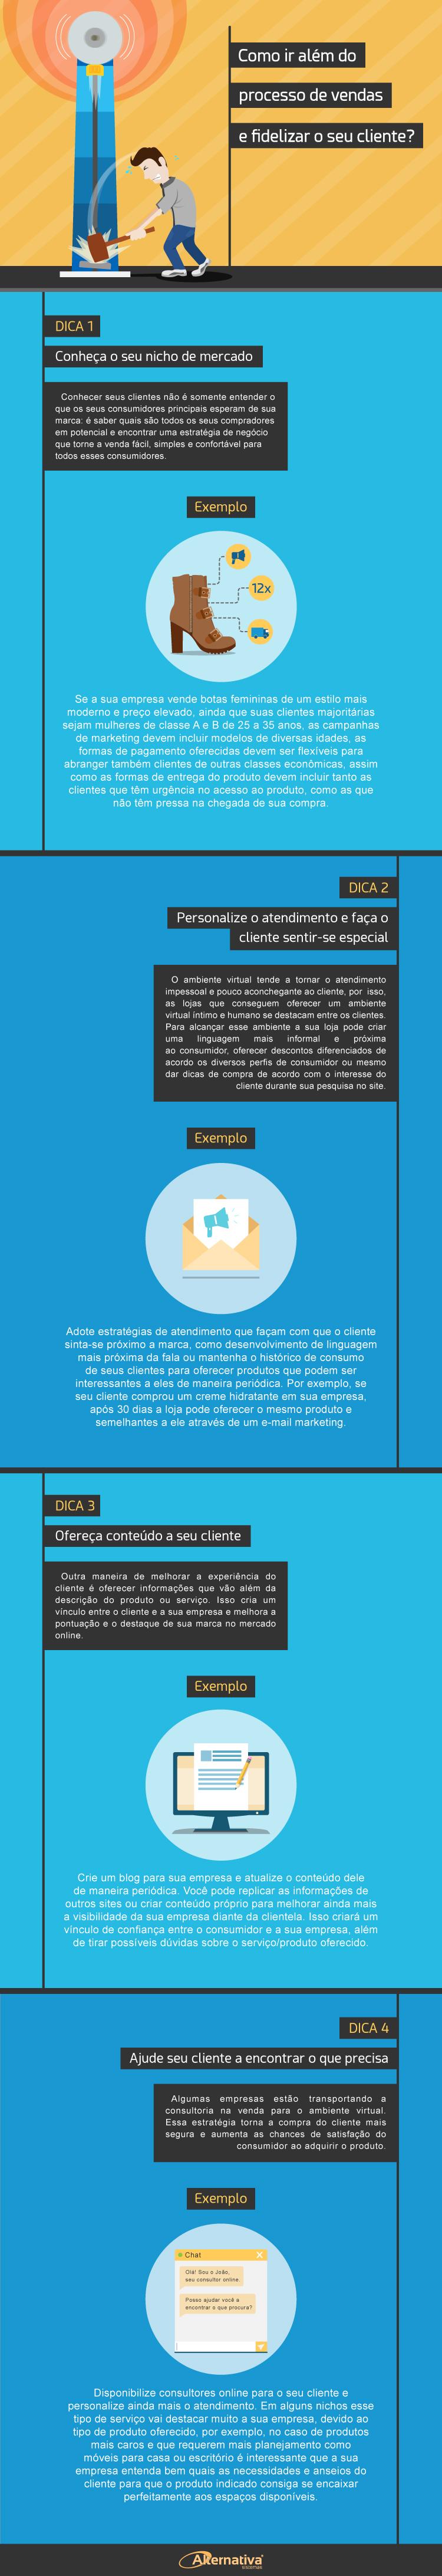 Infográfico---Dicas-para-transformar-vendas-em-experiencia-de-consumo---Alternativa-Sistemas